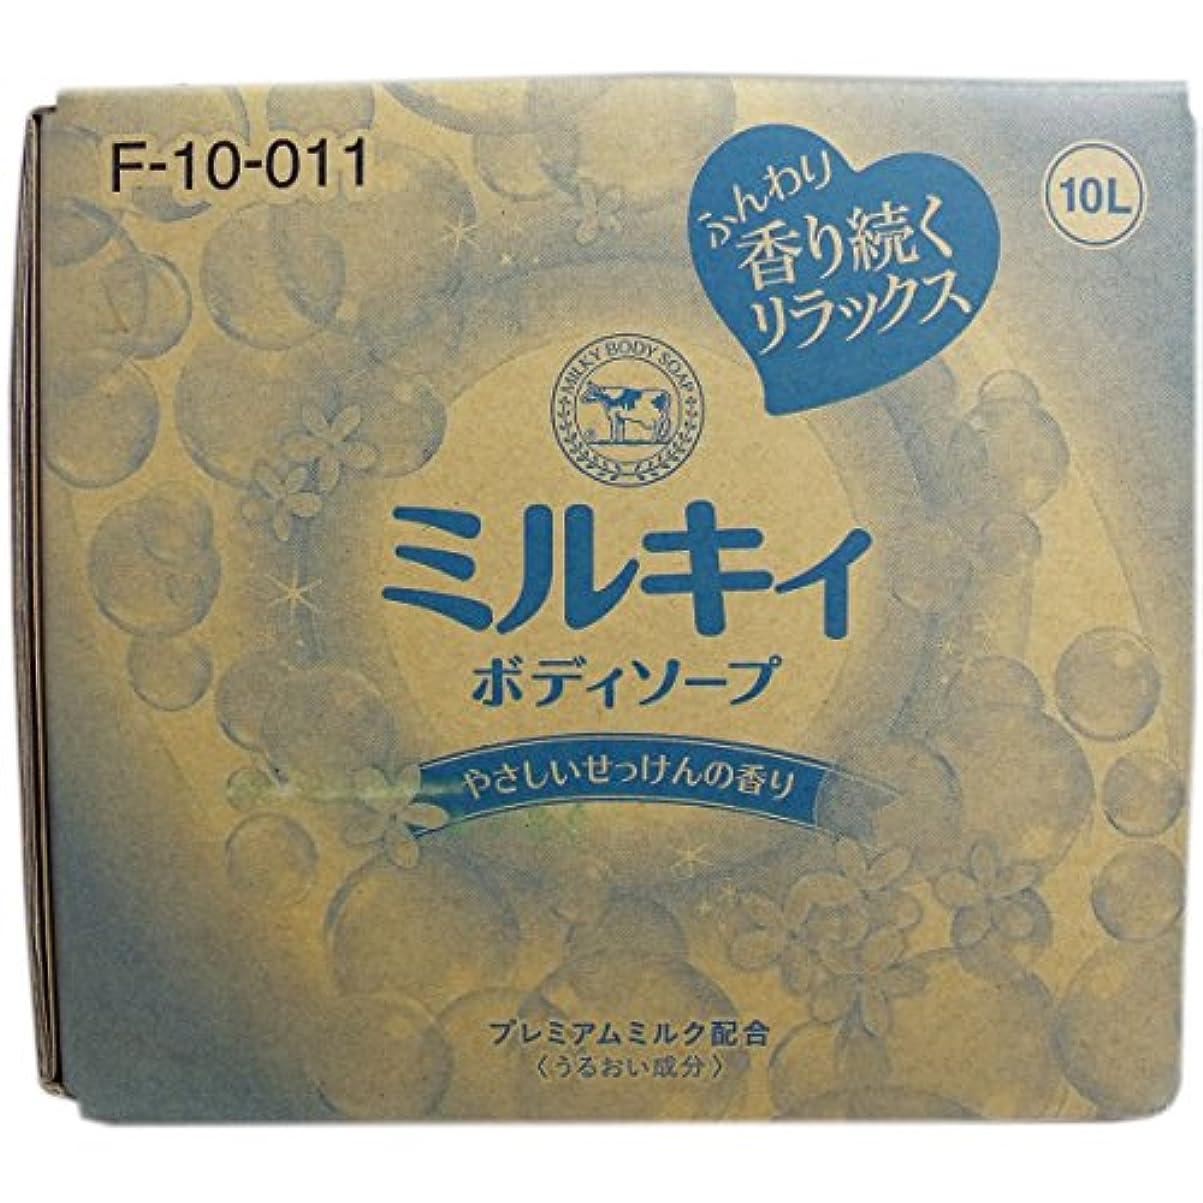 モザイクマート舌牛乳石鹸 ミルキィボディソープ ミルキィボディソープ 業務用 1個